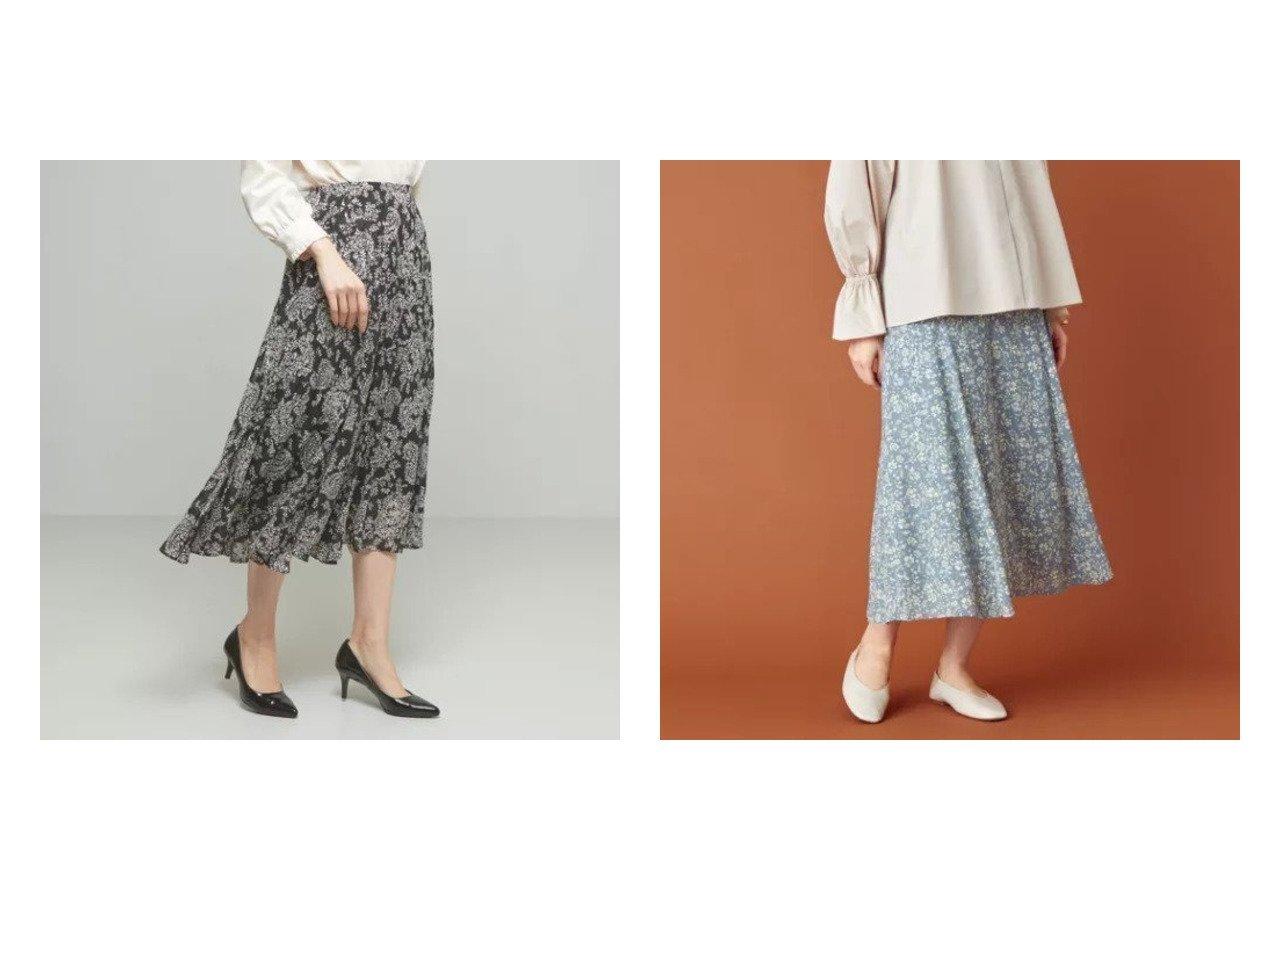 【THE STATION STORE / UNITED ARROWS/ザ ステーション ストア】のPO エアリーフラワー フレアスカート -手洗い可能-&ジャガード ロングスカート -手洗い可能- 【スカート】おすすめ!人気、トレンド・レディースファッションの通販 おすすめで人気の流行・トレンド、ファッションの通販商品 メンズファッション・キッズファッション・インテリア・家具・レディースファッション・服の通販 founy(ファニー) https://founy.com/ ファッション Fashion レディースファッション WOMEN スカート Skirt ロングスカート Long Skirt Aライン/フレアスカート Flared A-Line Skirts エアリー エレガント 春 Spring カットソー ジャケット マキシ ロング |ID:crp329100000027837